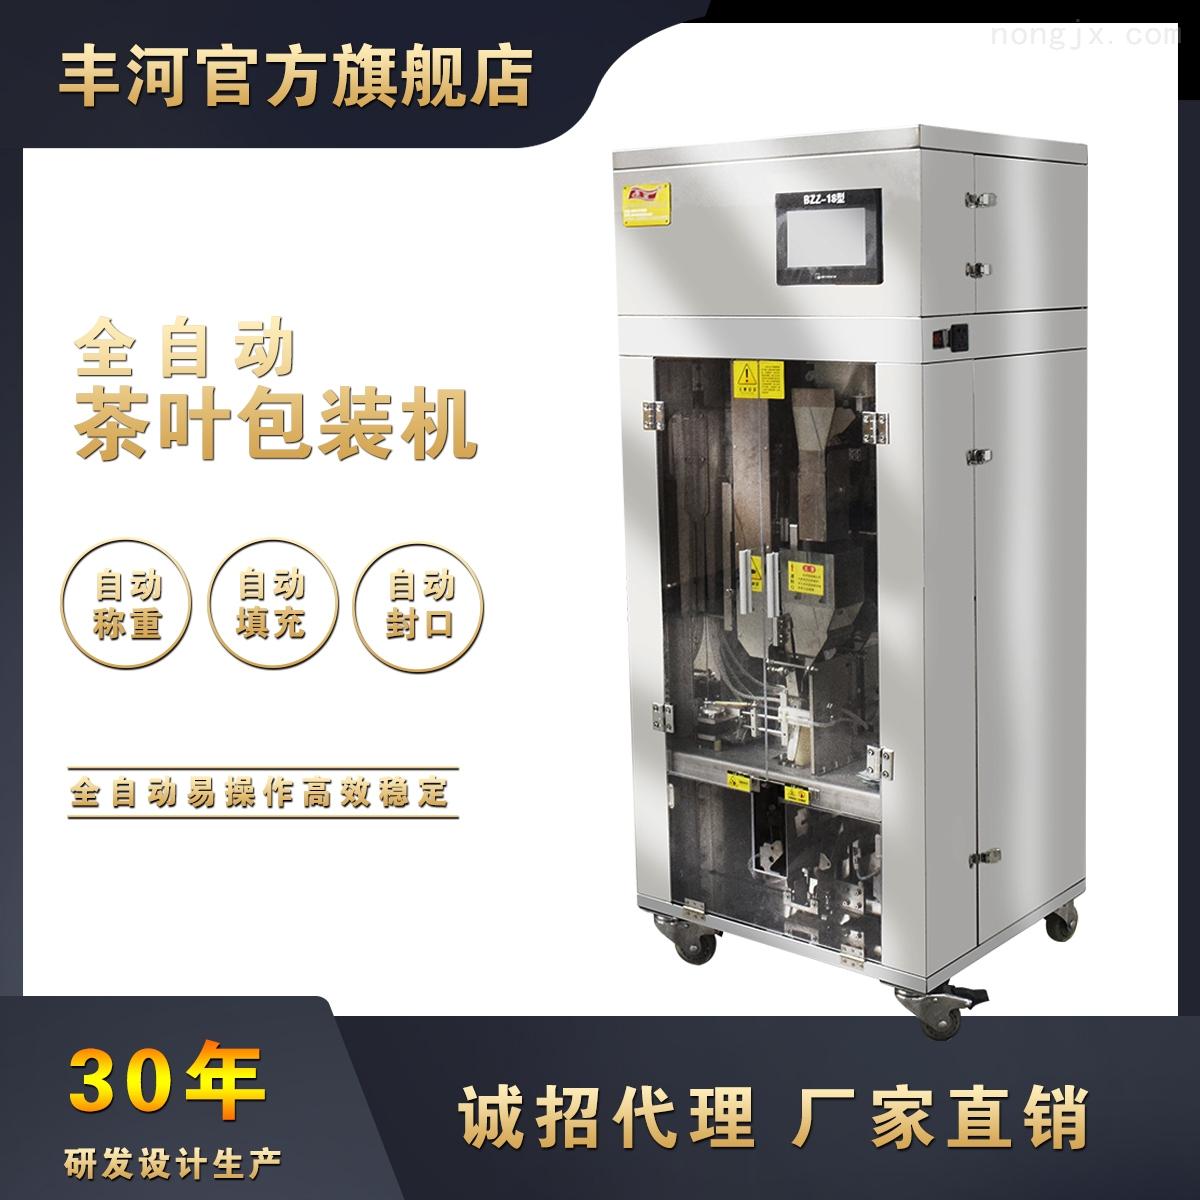 厂家直销丰河茶叶全自动包装机自动封口填充